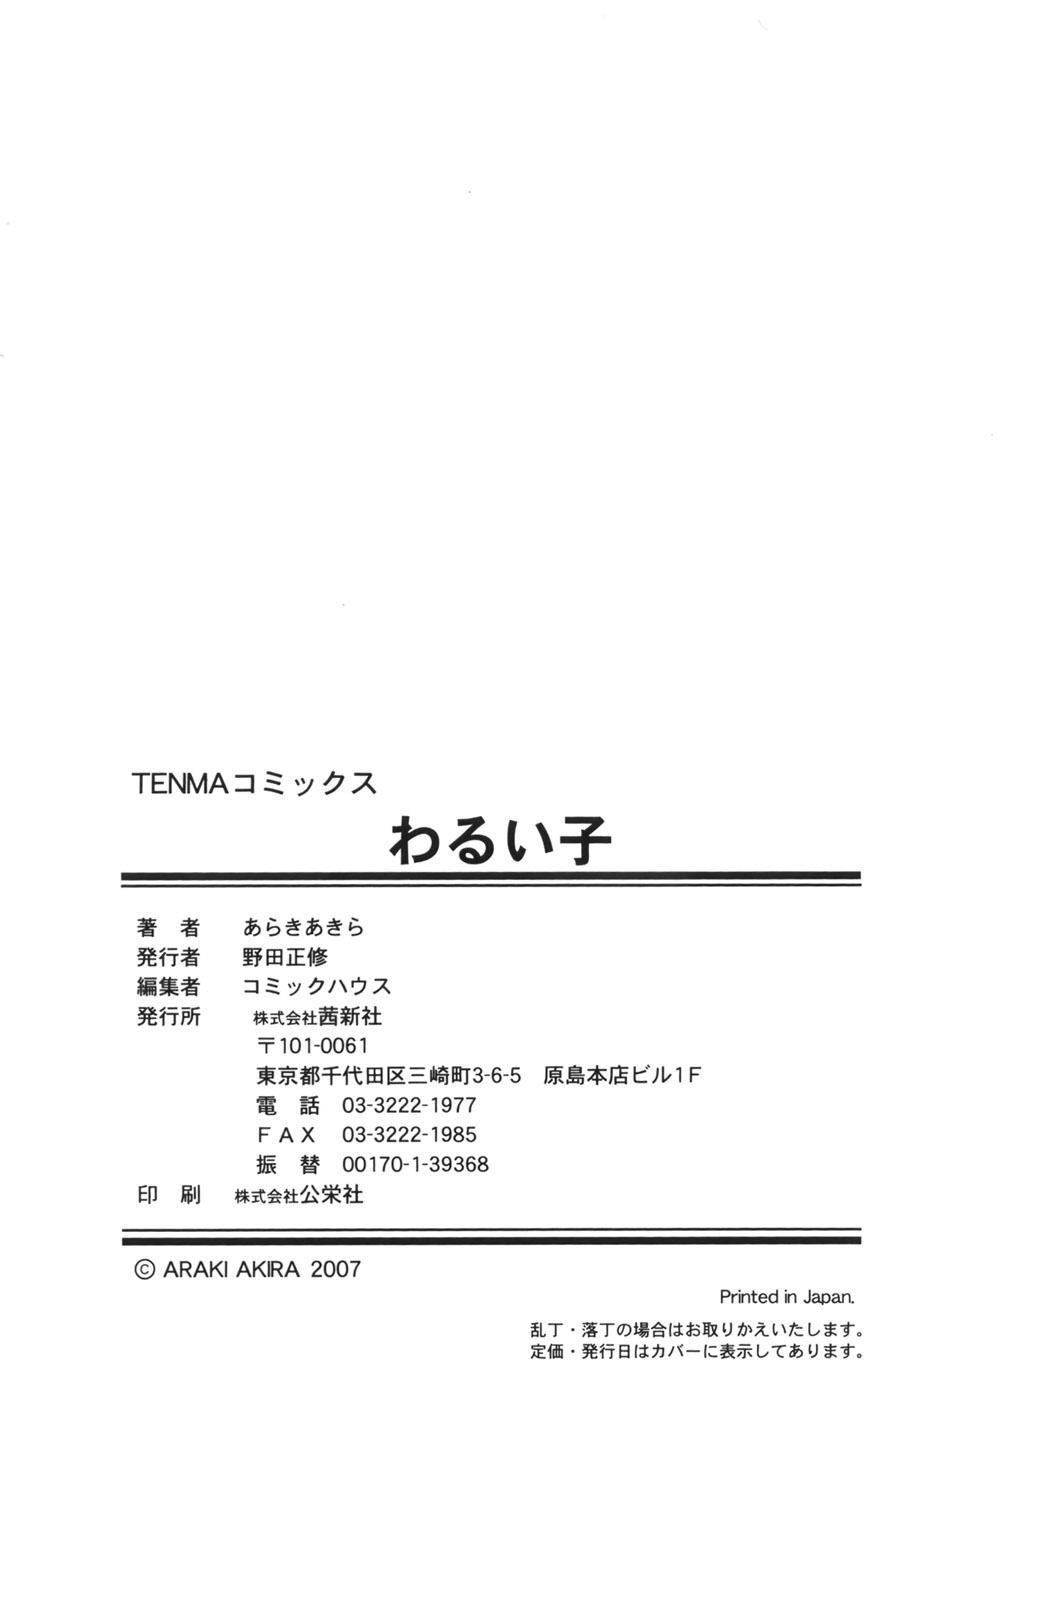 Waruiko Ch. 1, 9-10 59